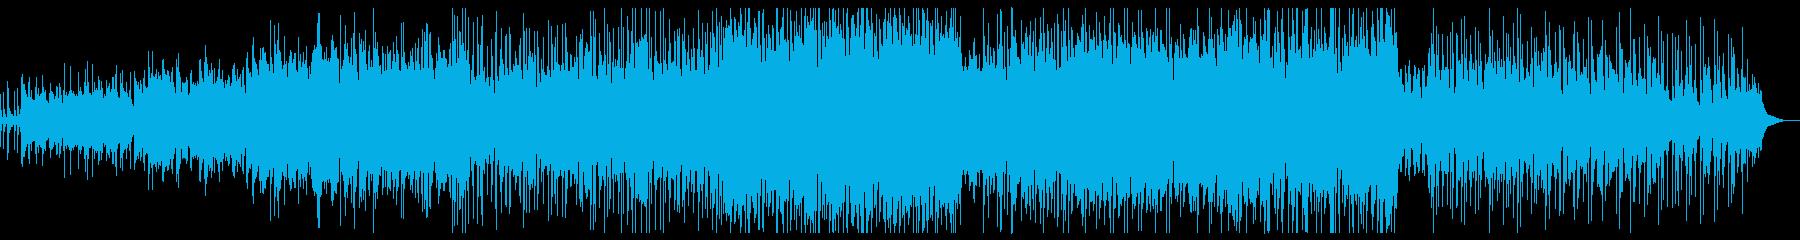 この3 mn 09の高速テンポトラ...の再生済みの波形